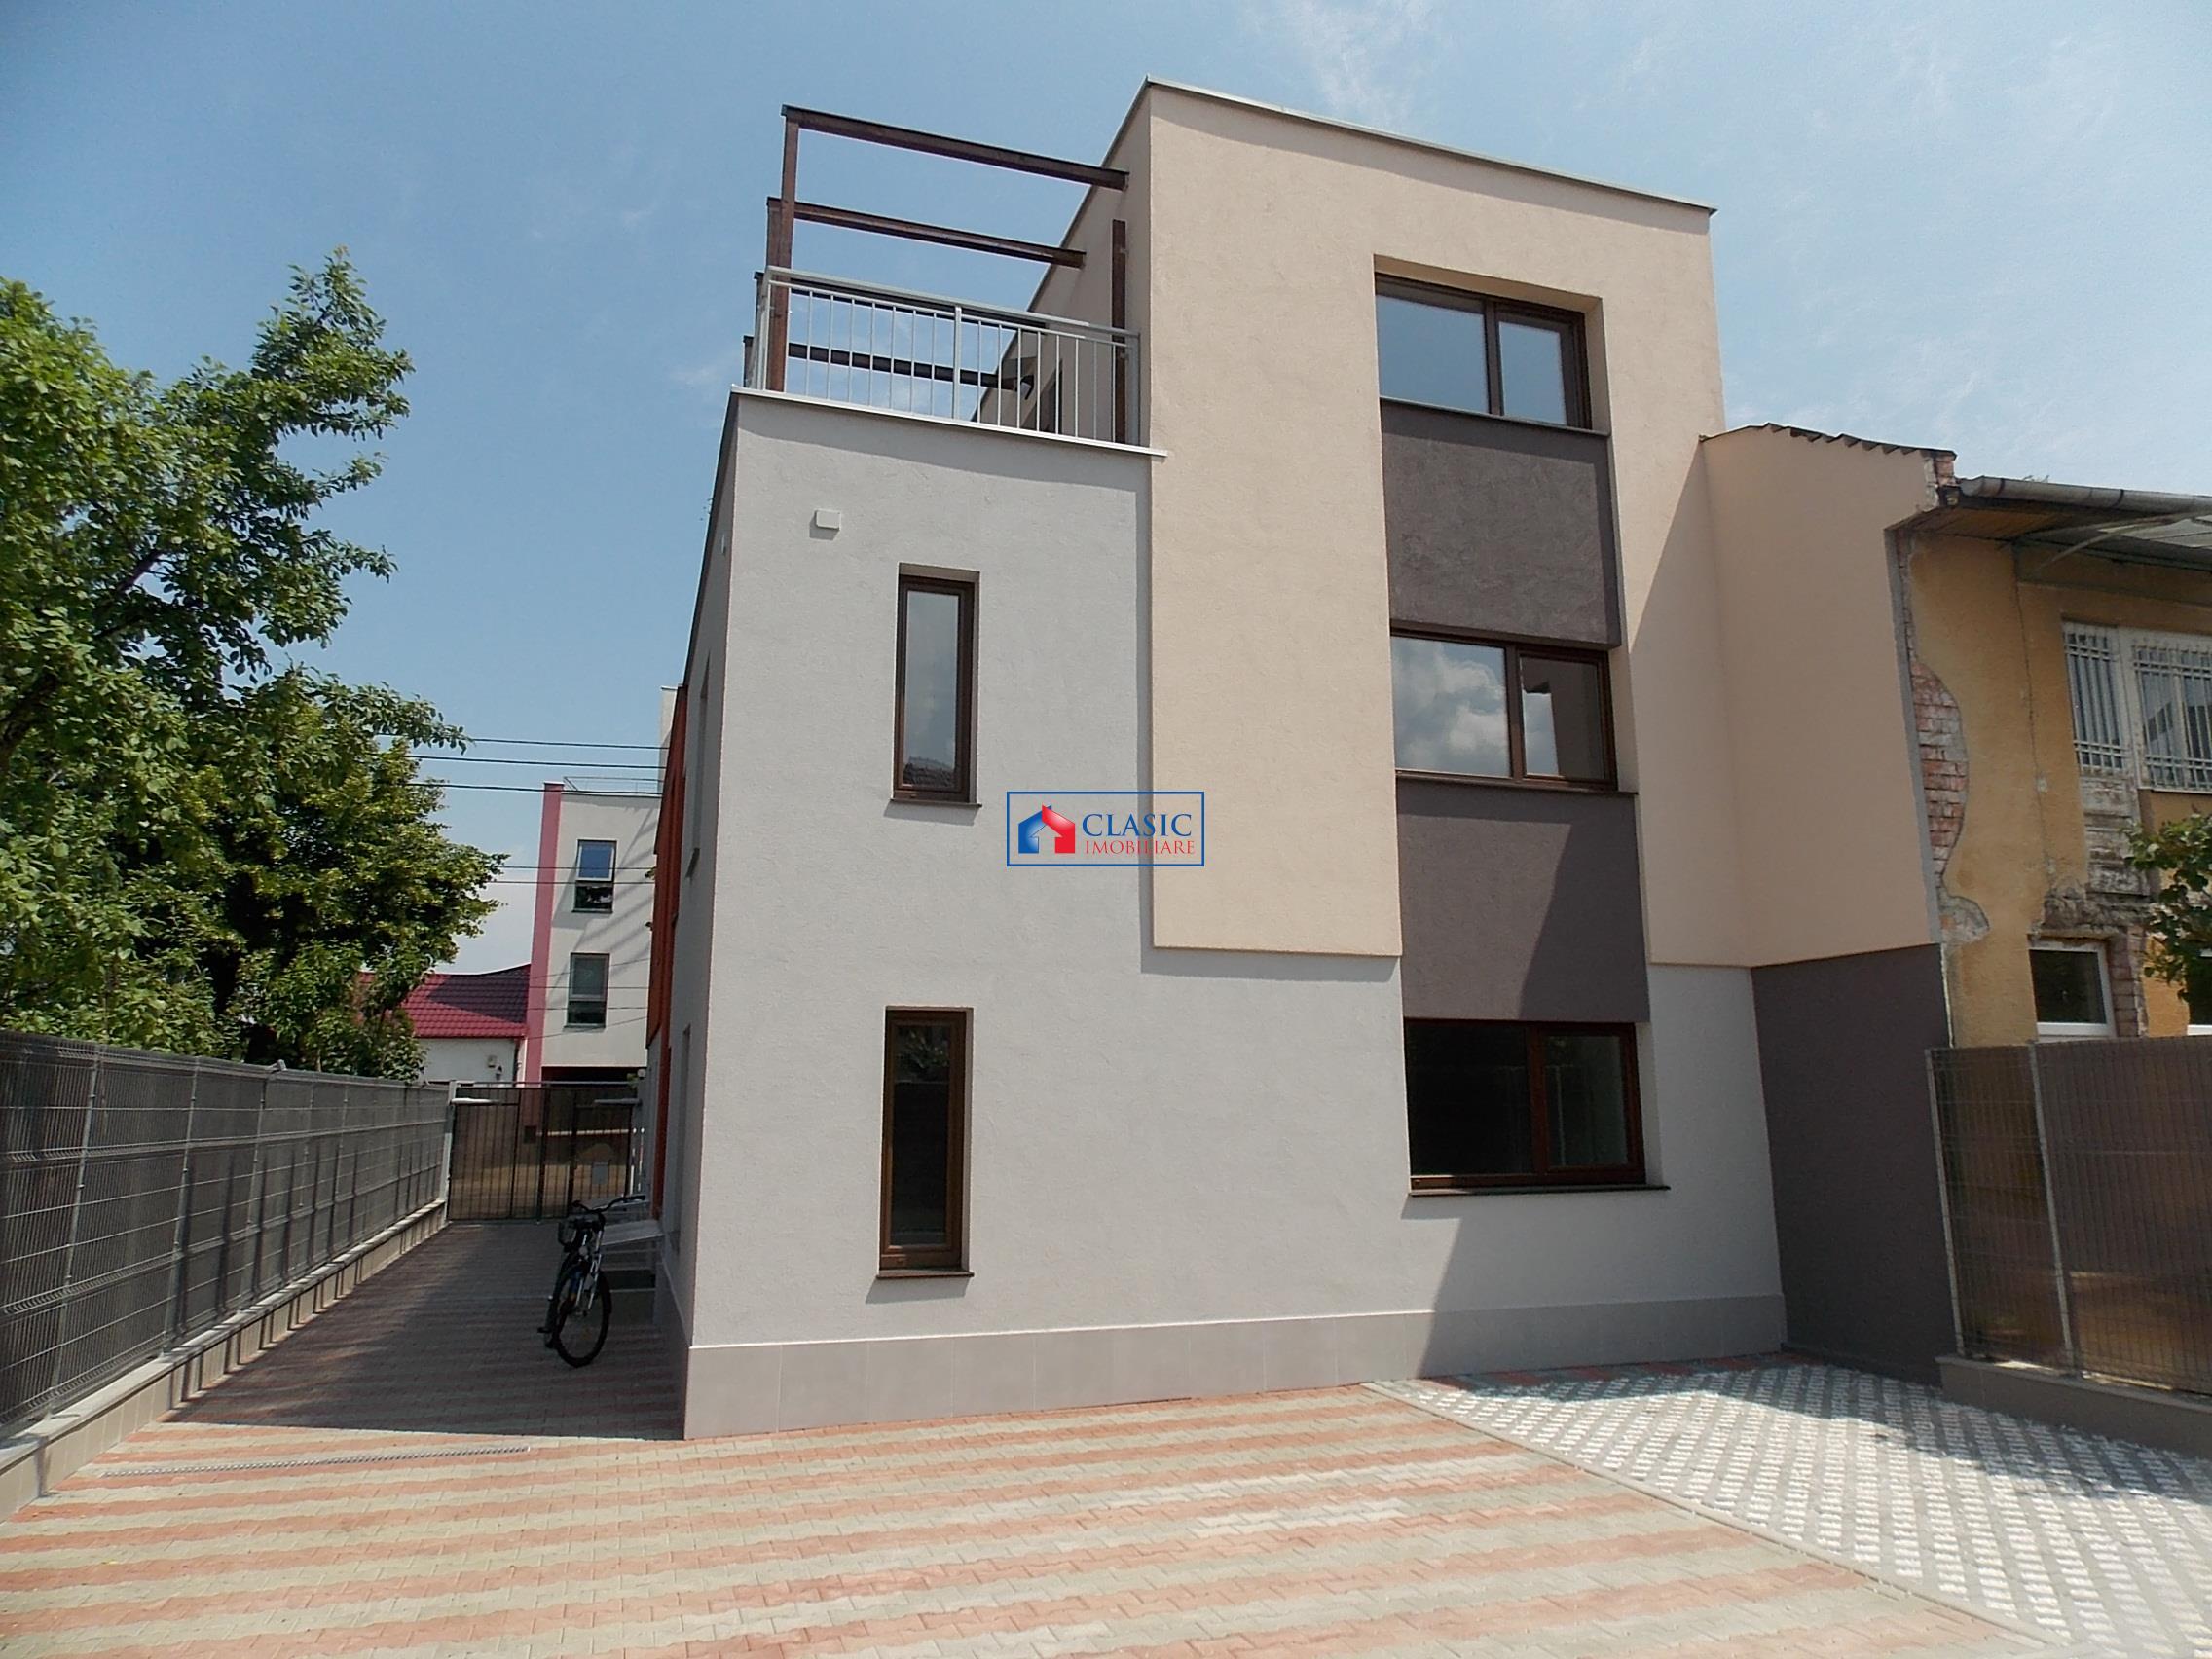 Inchiriere spatiu birouri 310 mp zona Piata Cipariu, Cluj-Napoca